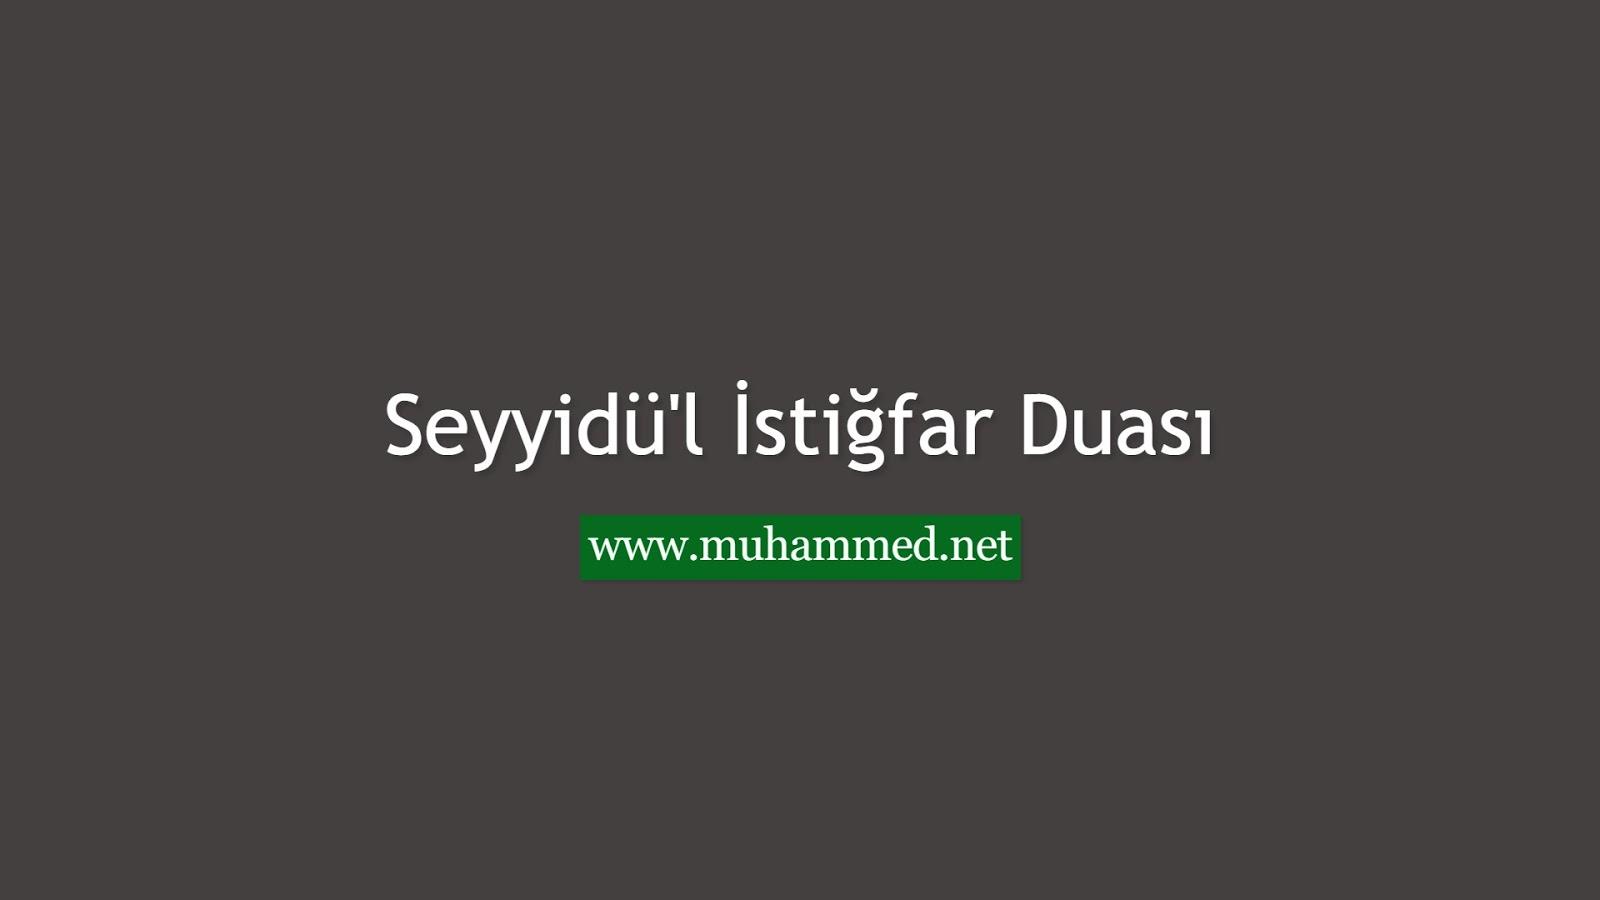 Seyyidü'l İstiğfar Duası